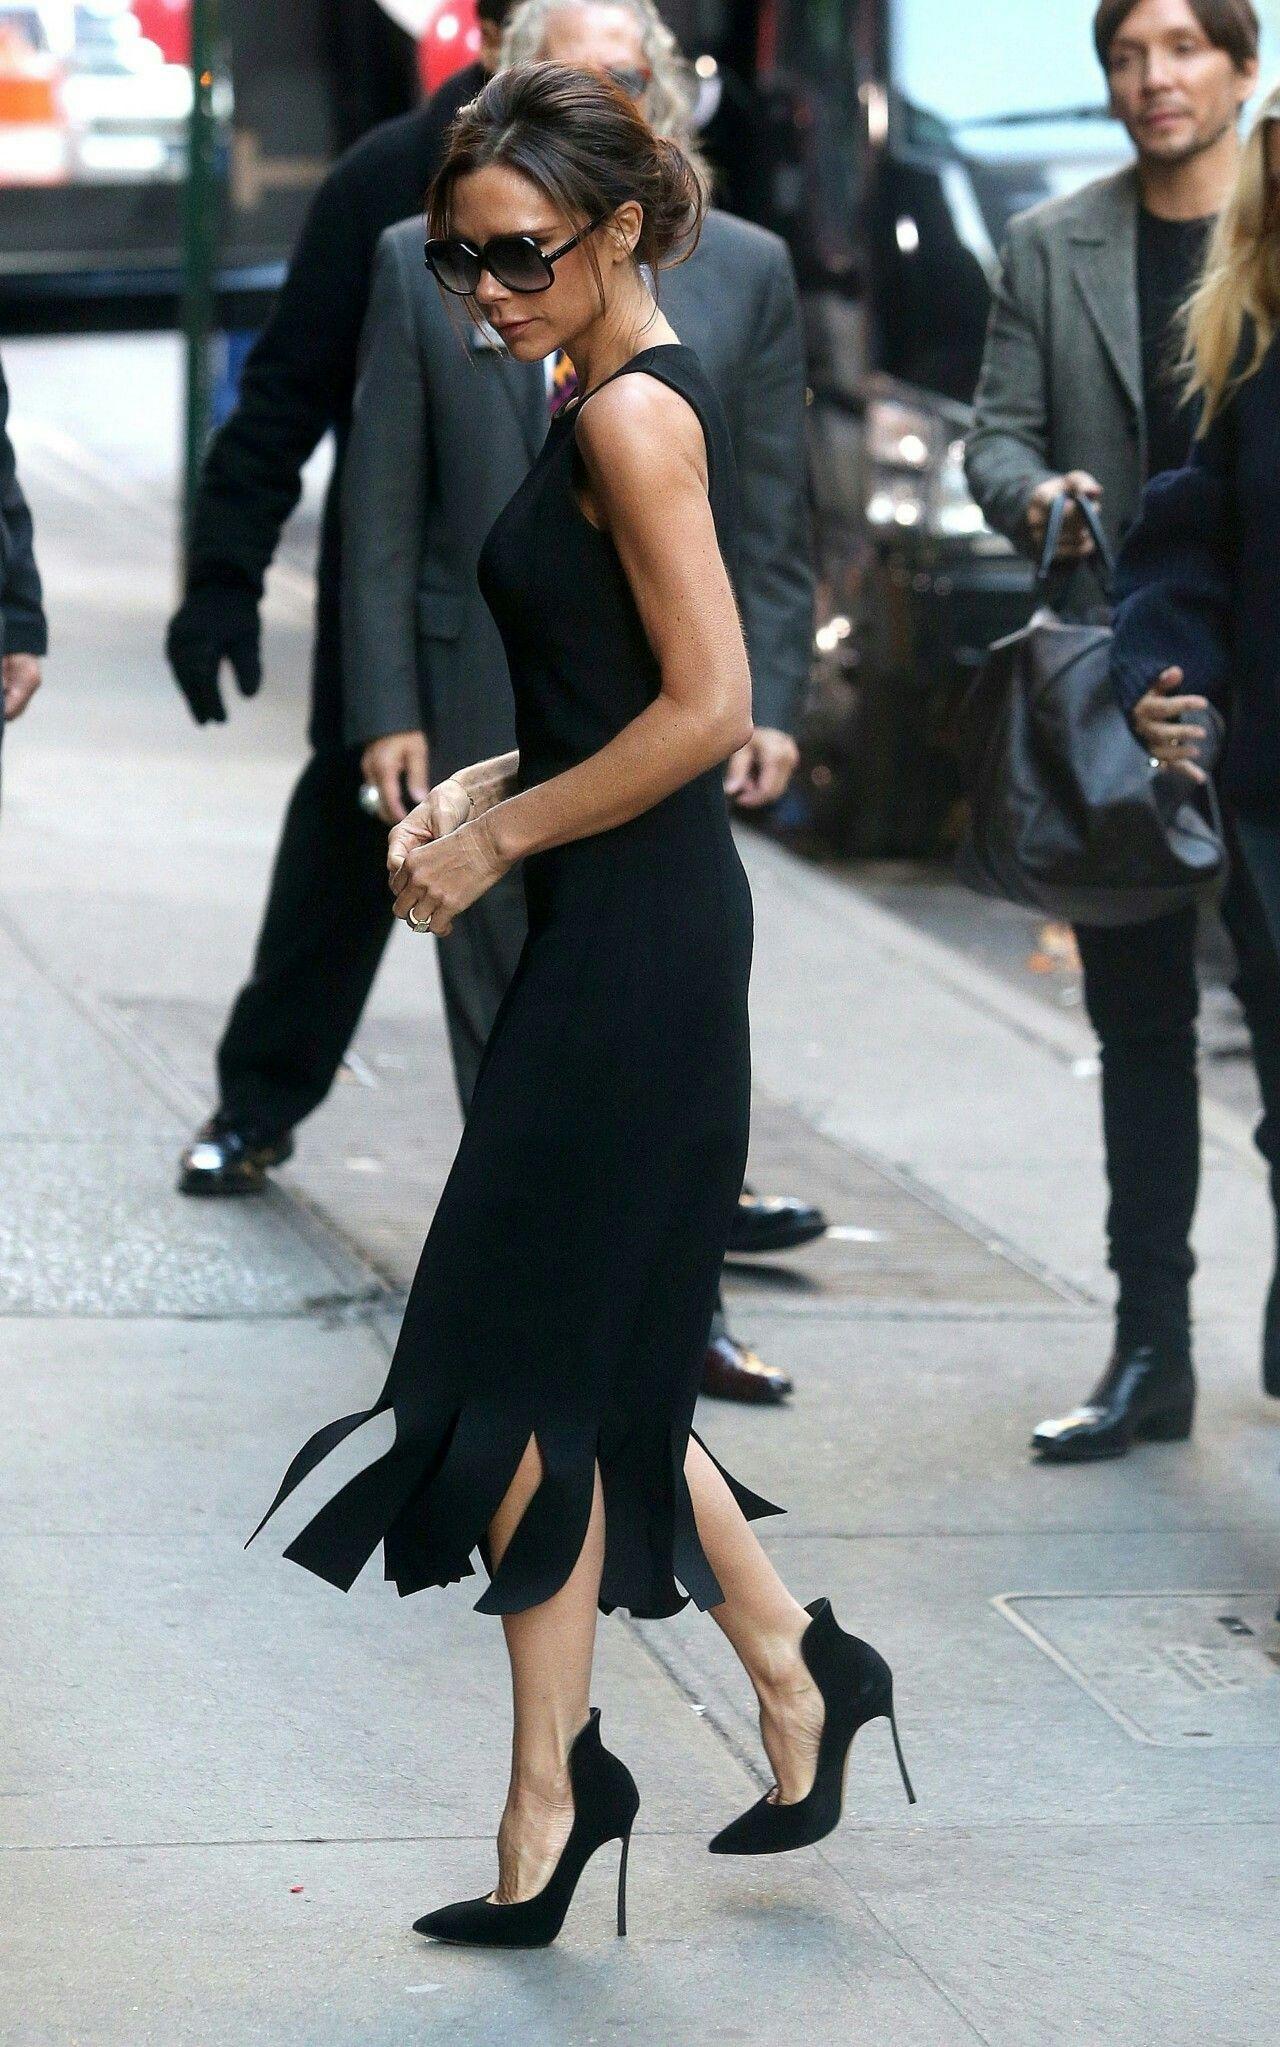 Black Dress Fringe Black Heels Victoria Fashion Victoria Beckham Style Victoria Beckham [ 2047 x 1280 Pixel ]